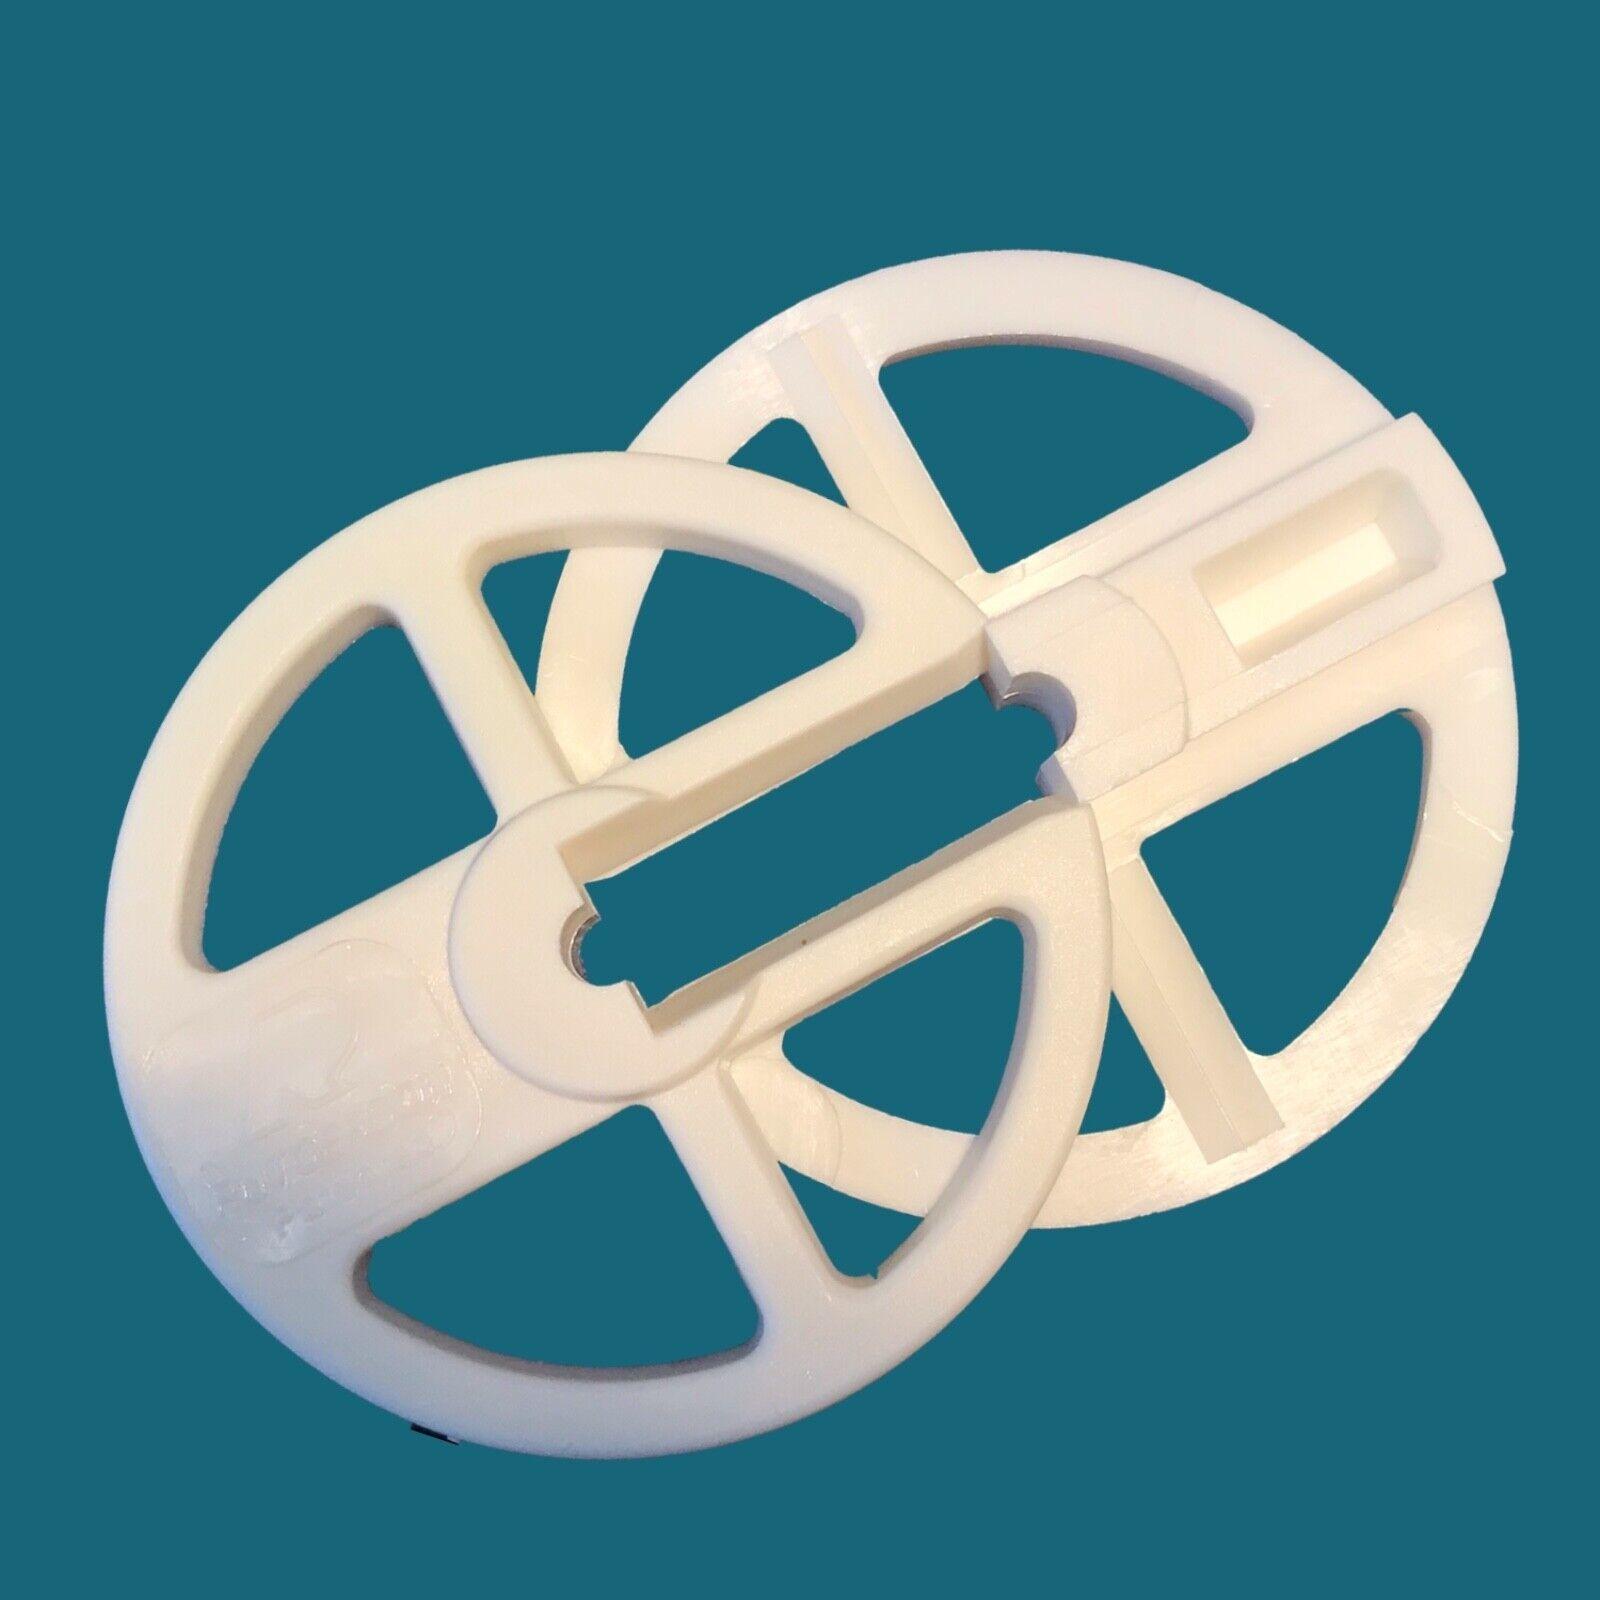 Rondo schont Ihr Segel      Segelabweiser  Segelschoner  UV-Besteändig NEU 83bfd9